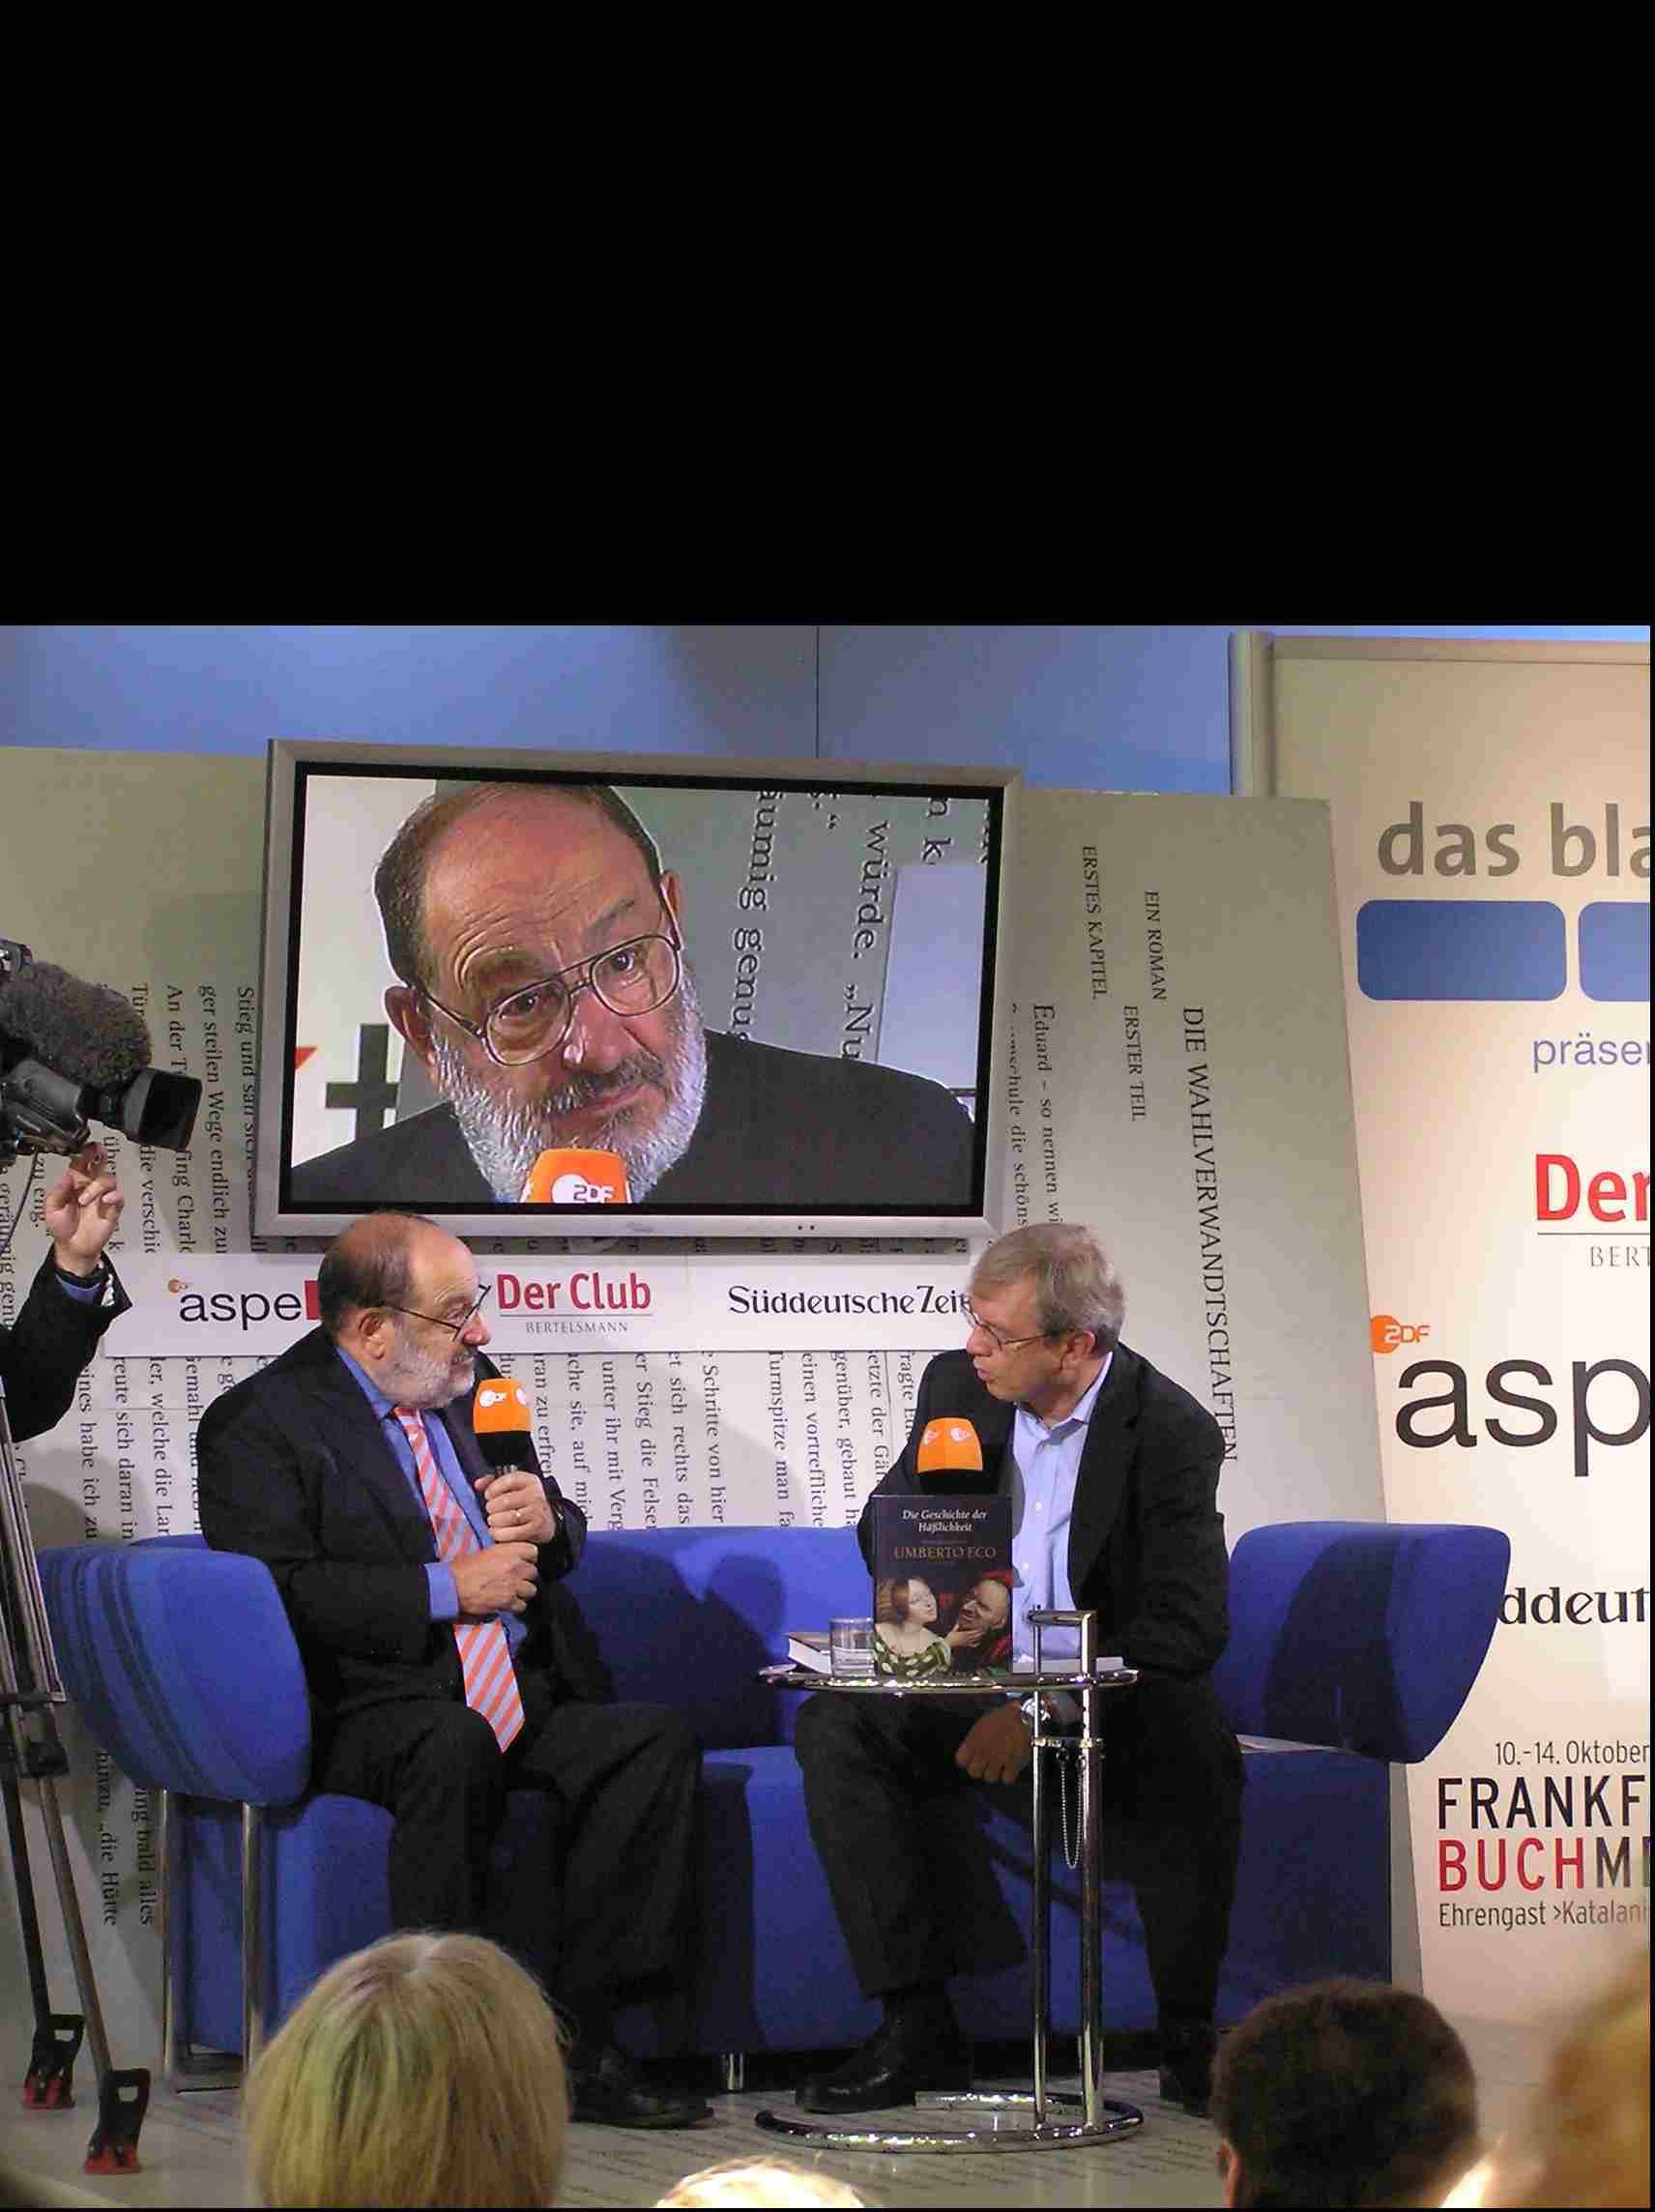 Obr. 10: Veletrh i letos navštívily mnohé veličiny literárního i vědeckého světa, hvězdou číslo jedna byl (nejen pro mne) Umberto Eco, který vyhověl pozvání, aby usedl k rozhovoru na tzv. Modré pohovce.